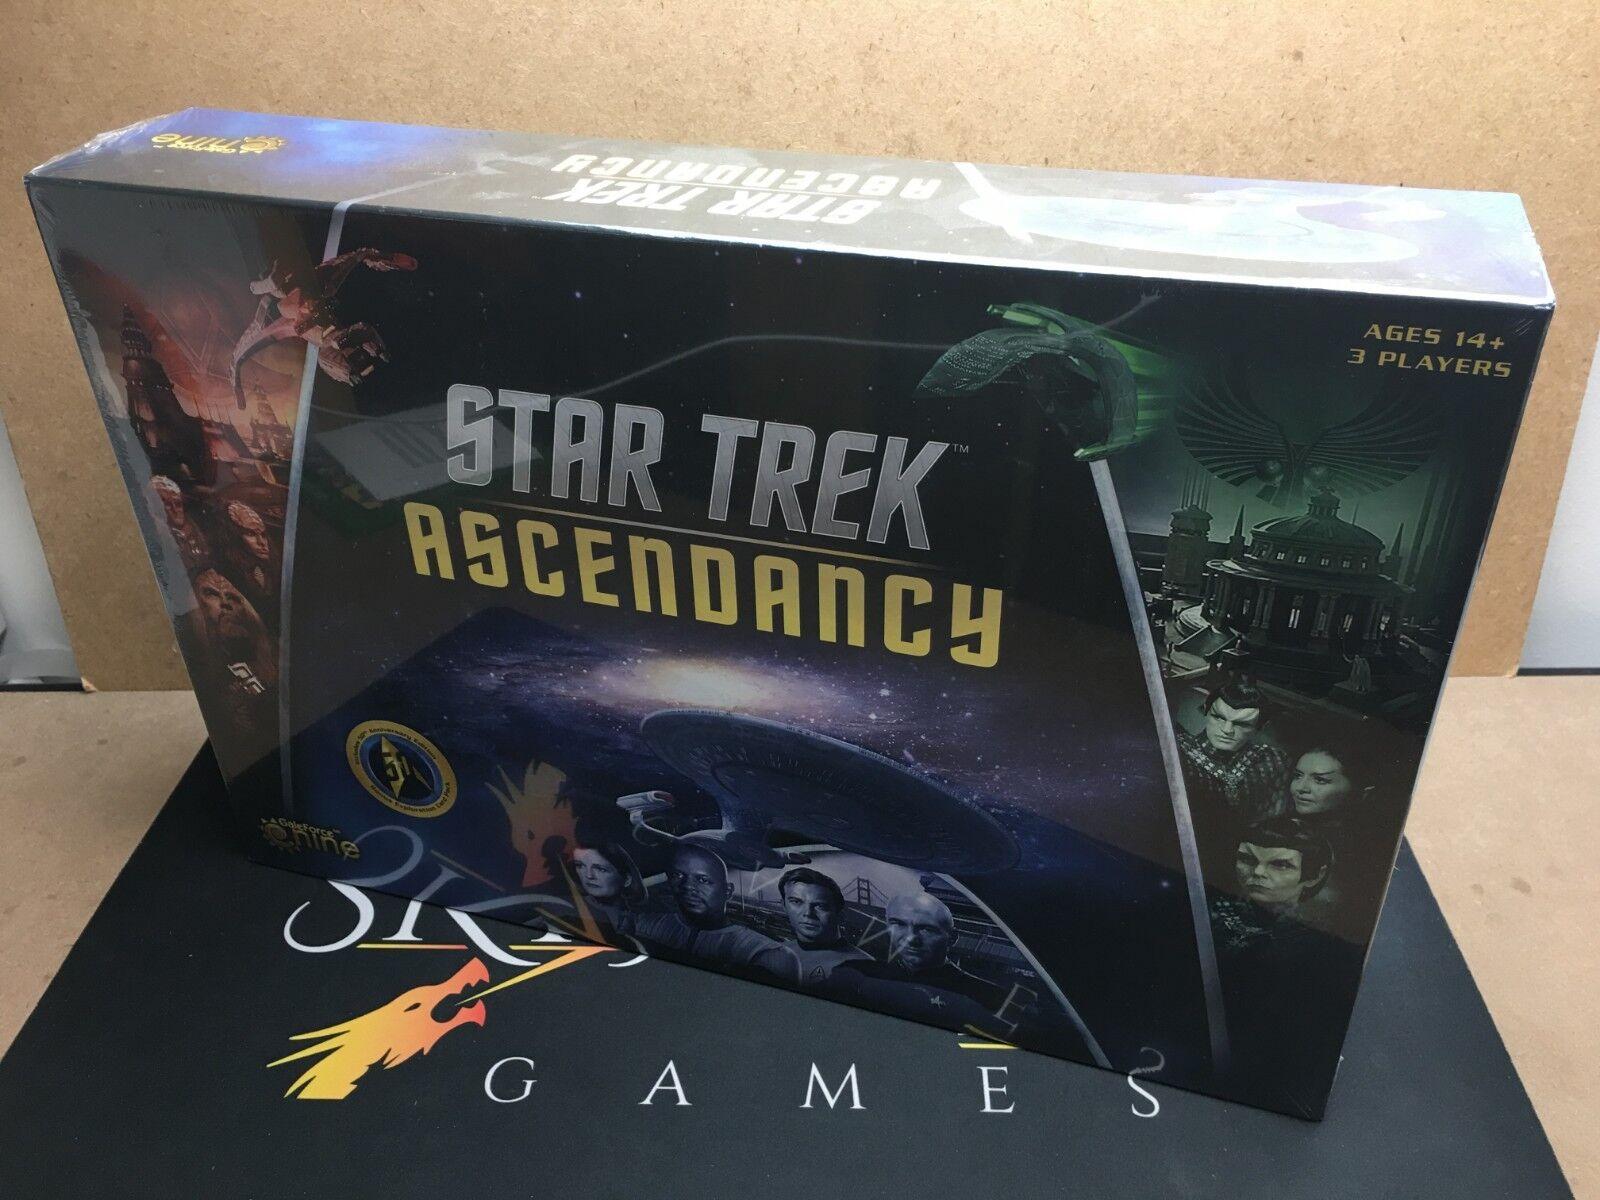 Estrella Trek  ascendenza il  tavola gioco-Gale Force Nine (GENUINE SIGILLATO)  offerta speciale